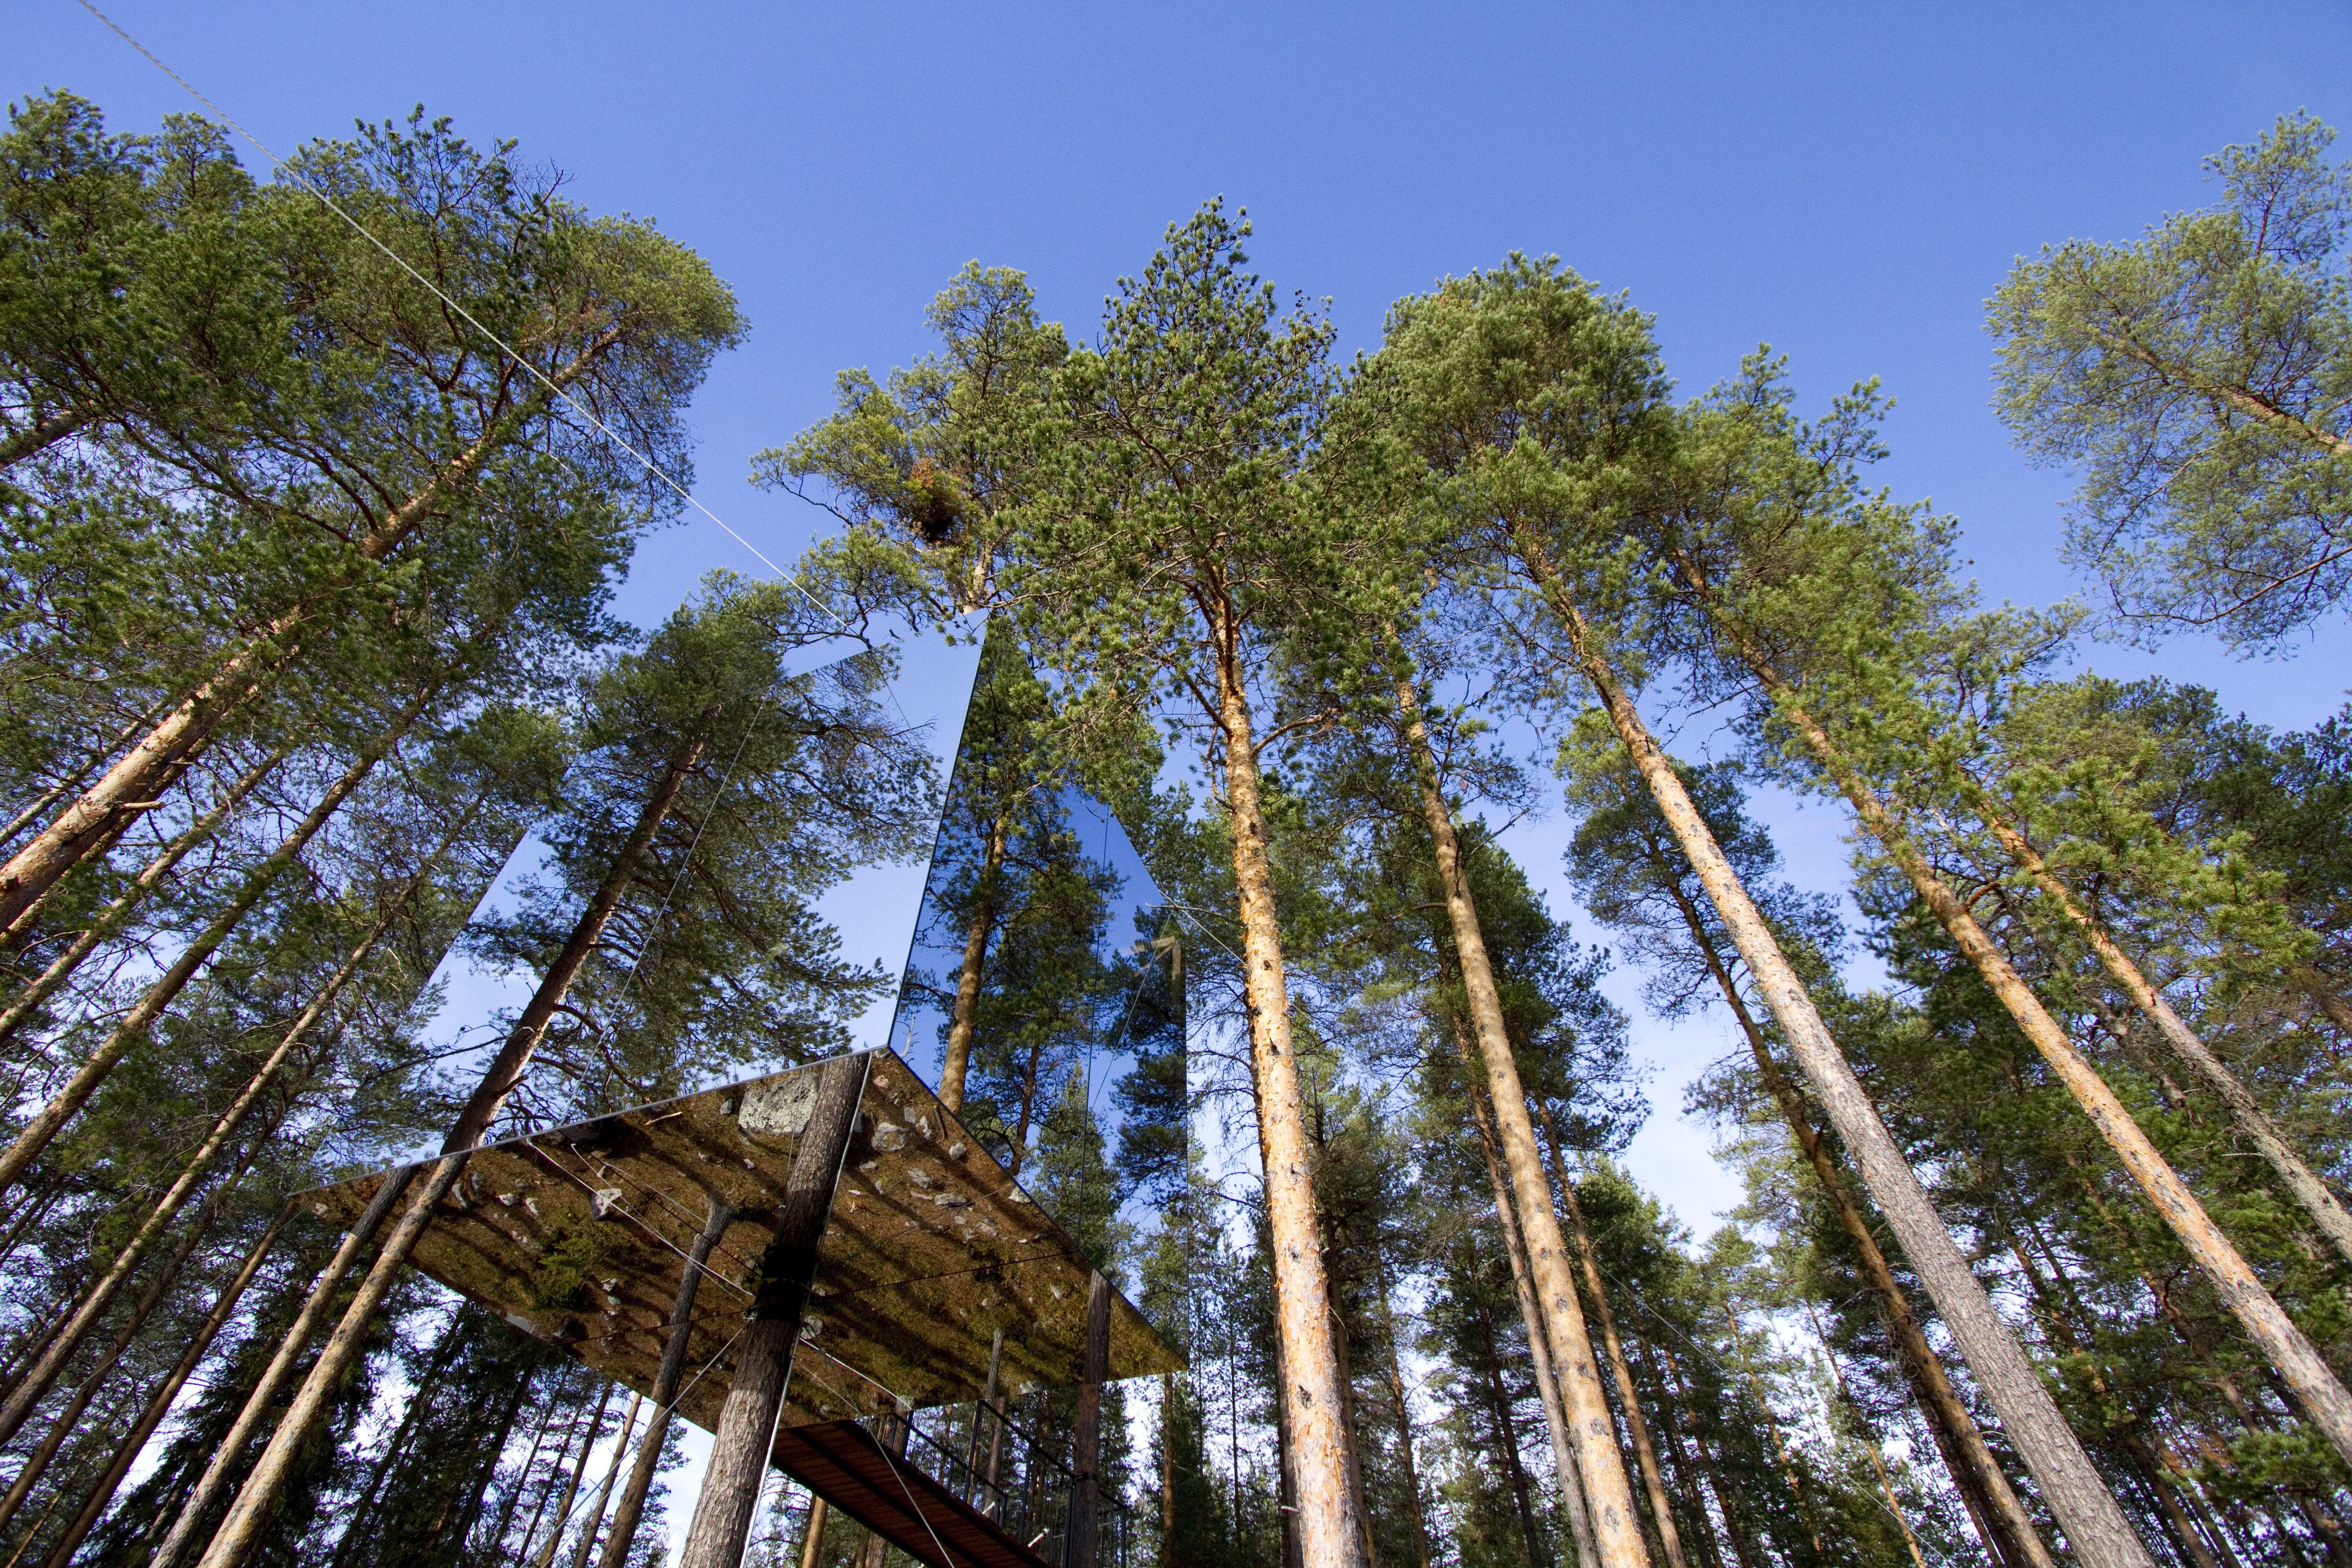 Treehouse Retreats - The Tree Hotel, Mirrorcube